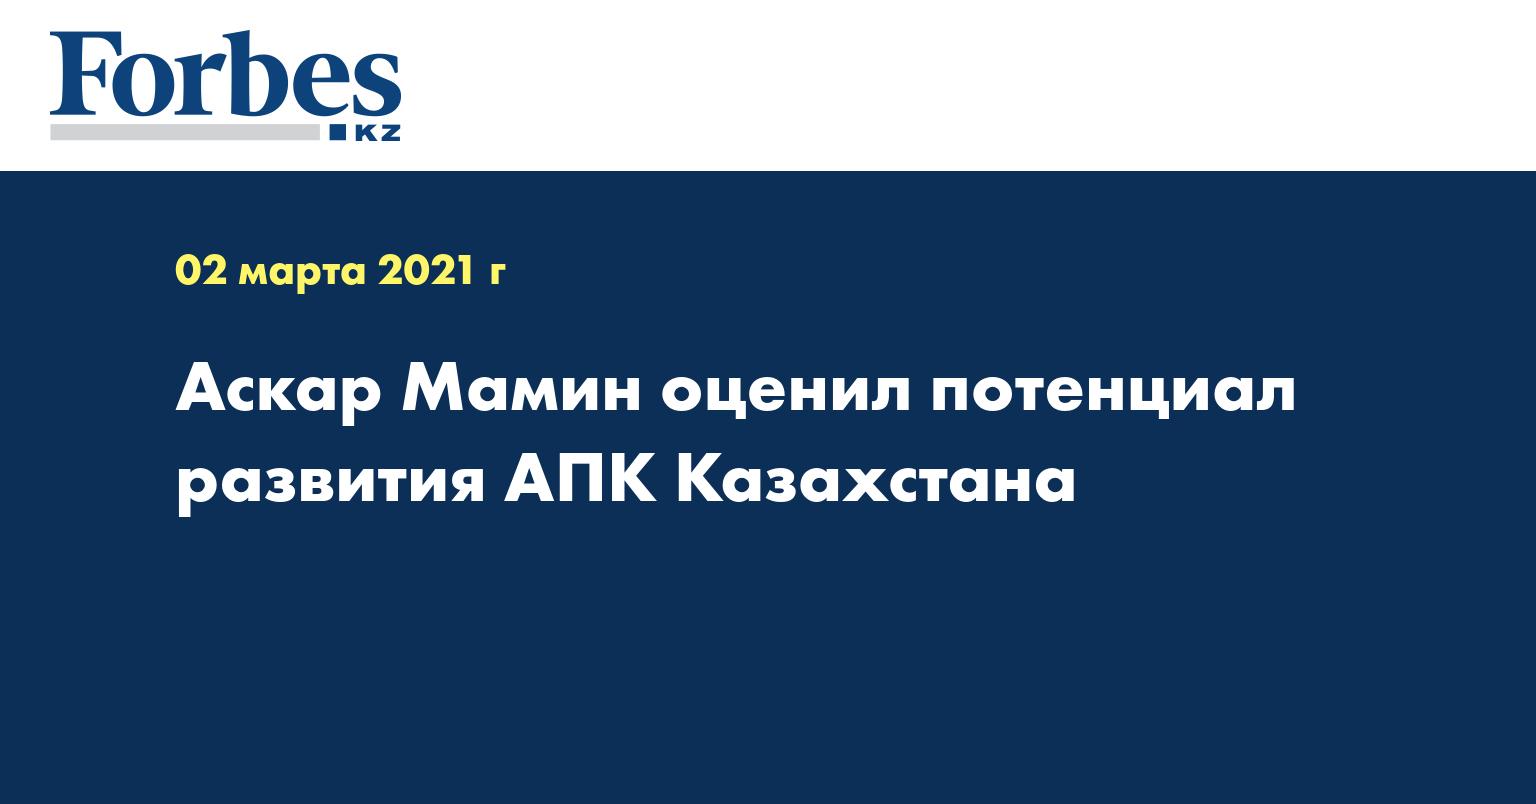 Аскар Мамин оценил потенциал развития АПК Казахстана